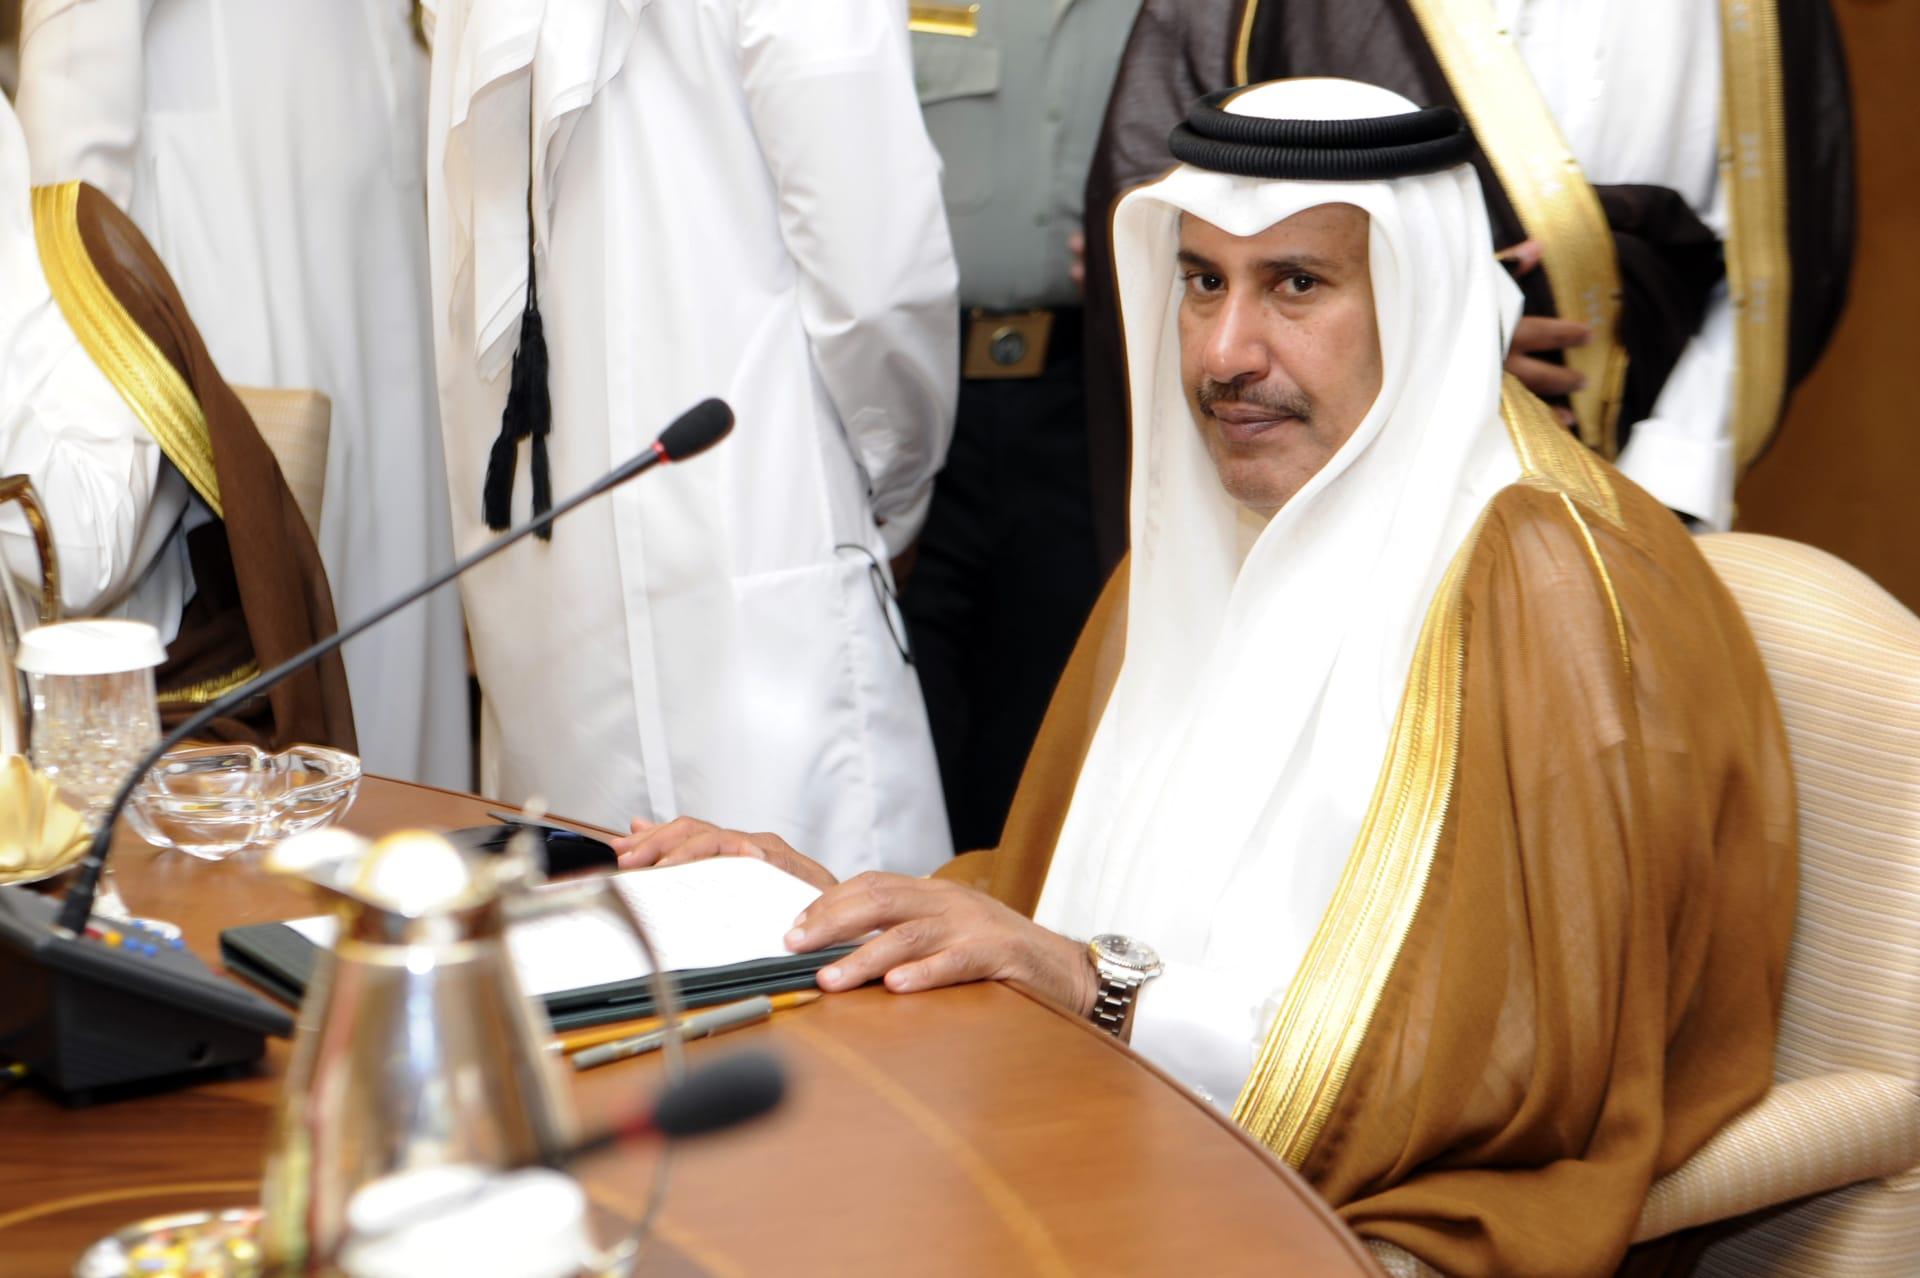 رئيس وزراء قطر السابق: احتمالان لما يحدث بسوريا بين القوى الكبرى